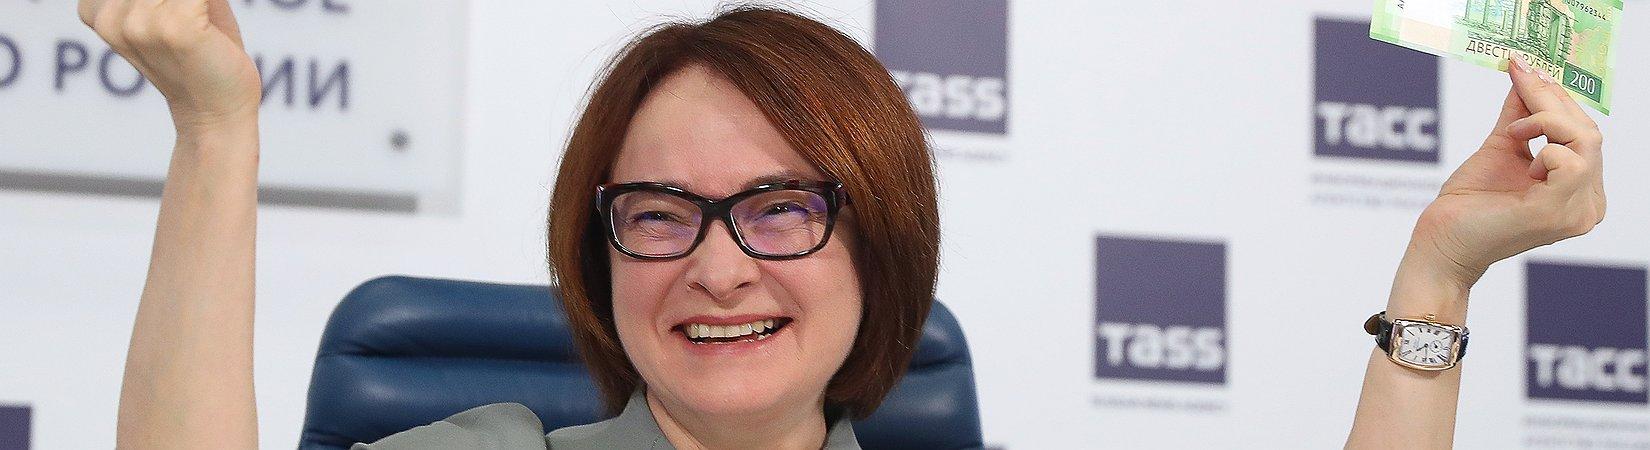 Банк России выпустил купюры номиналом 200 и 2000 рублей